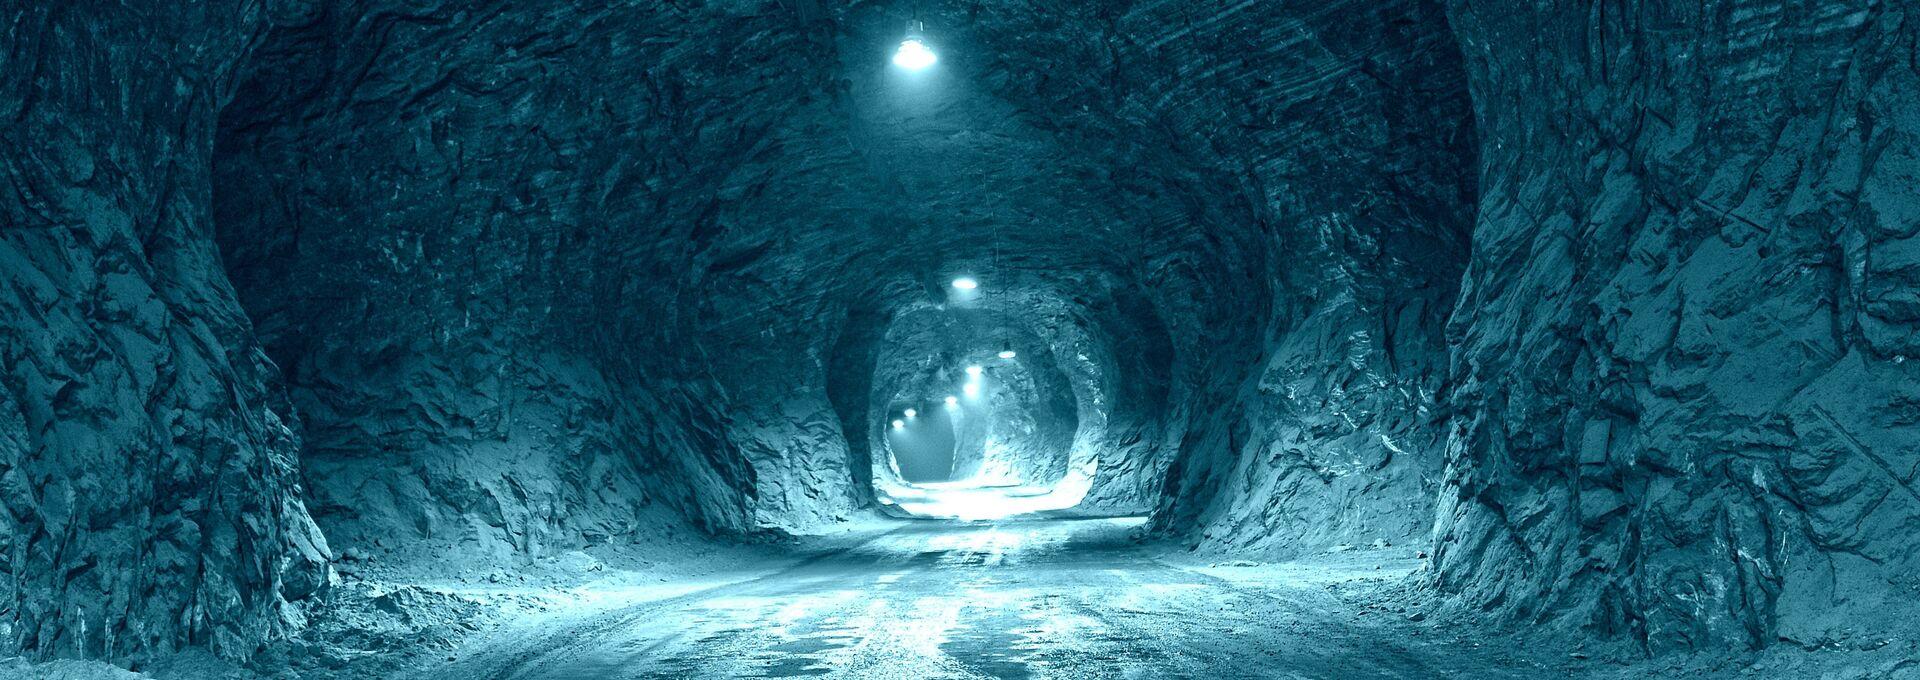 Автомобильный туннель в соляной пещере - РИА Новости, 1920, 19.11.2020